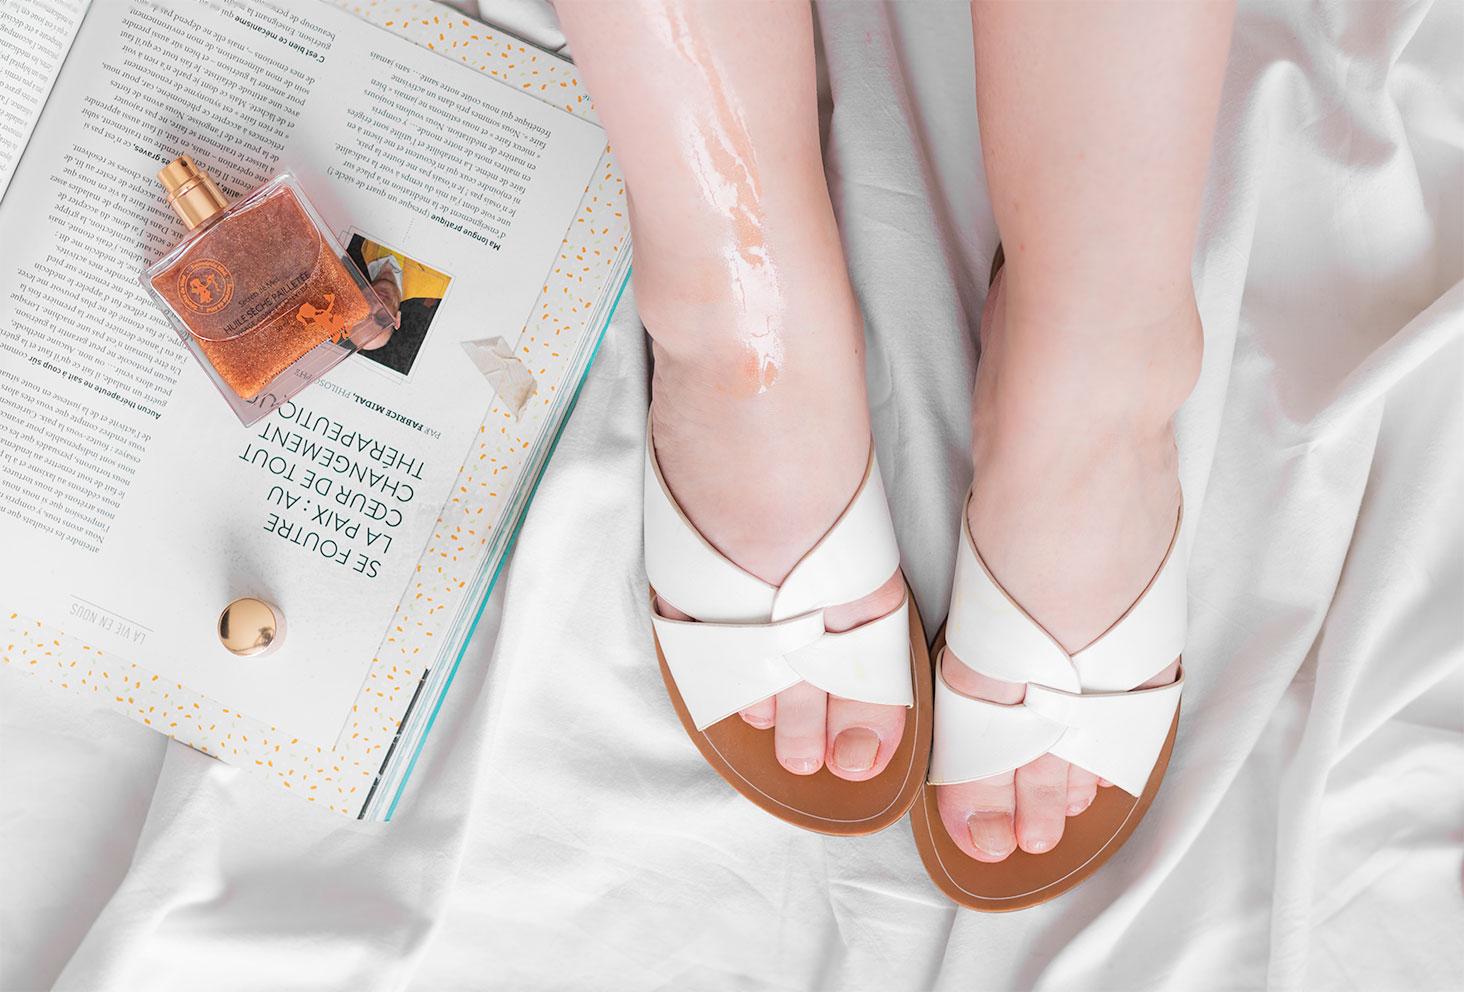 Zoom sur la texture de l'huile sèche pailletée de Secrets de Miel appliquée sur les jambes